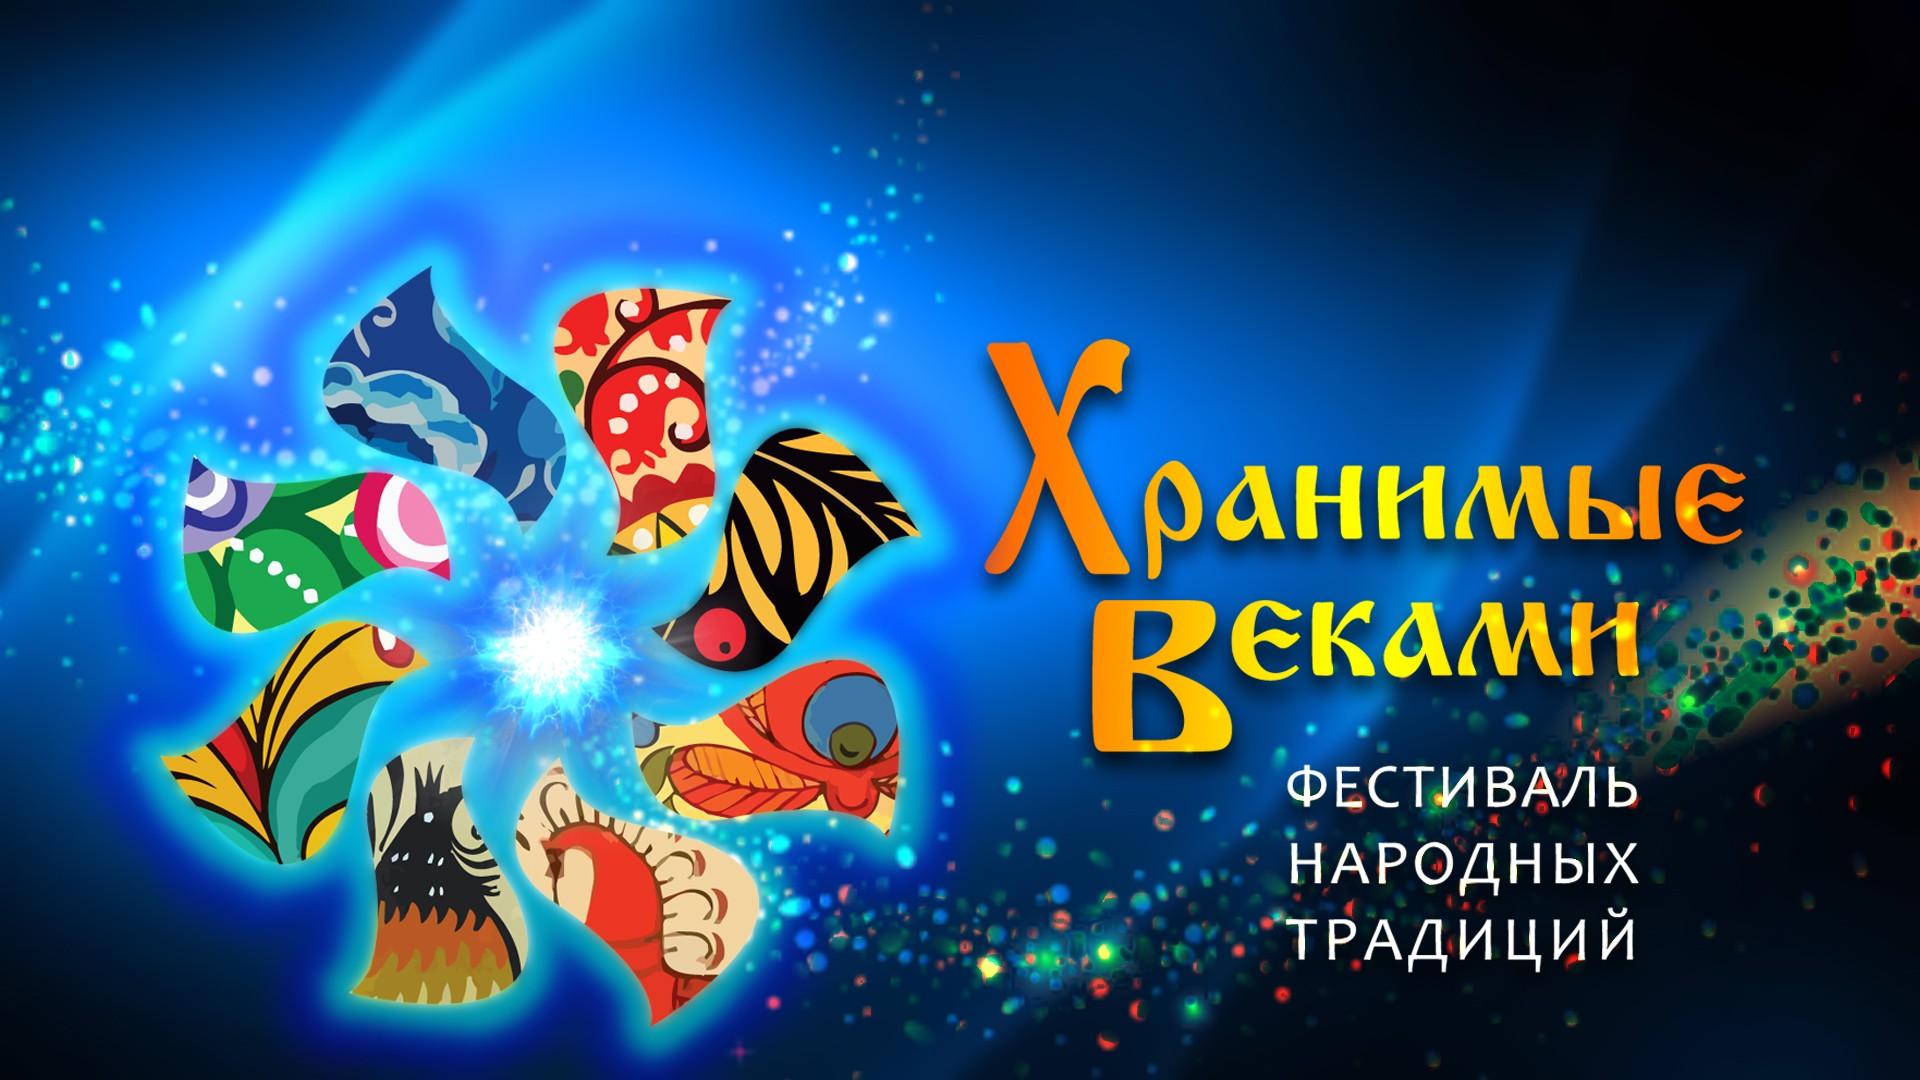 """Пасхальный фестиваль национальных традиций """"Хранимые веками"""""""